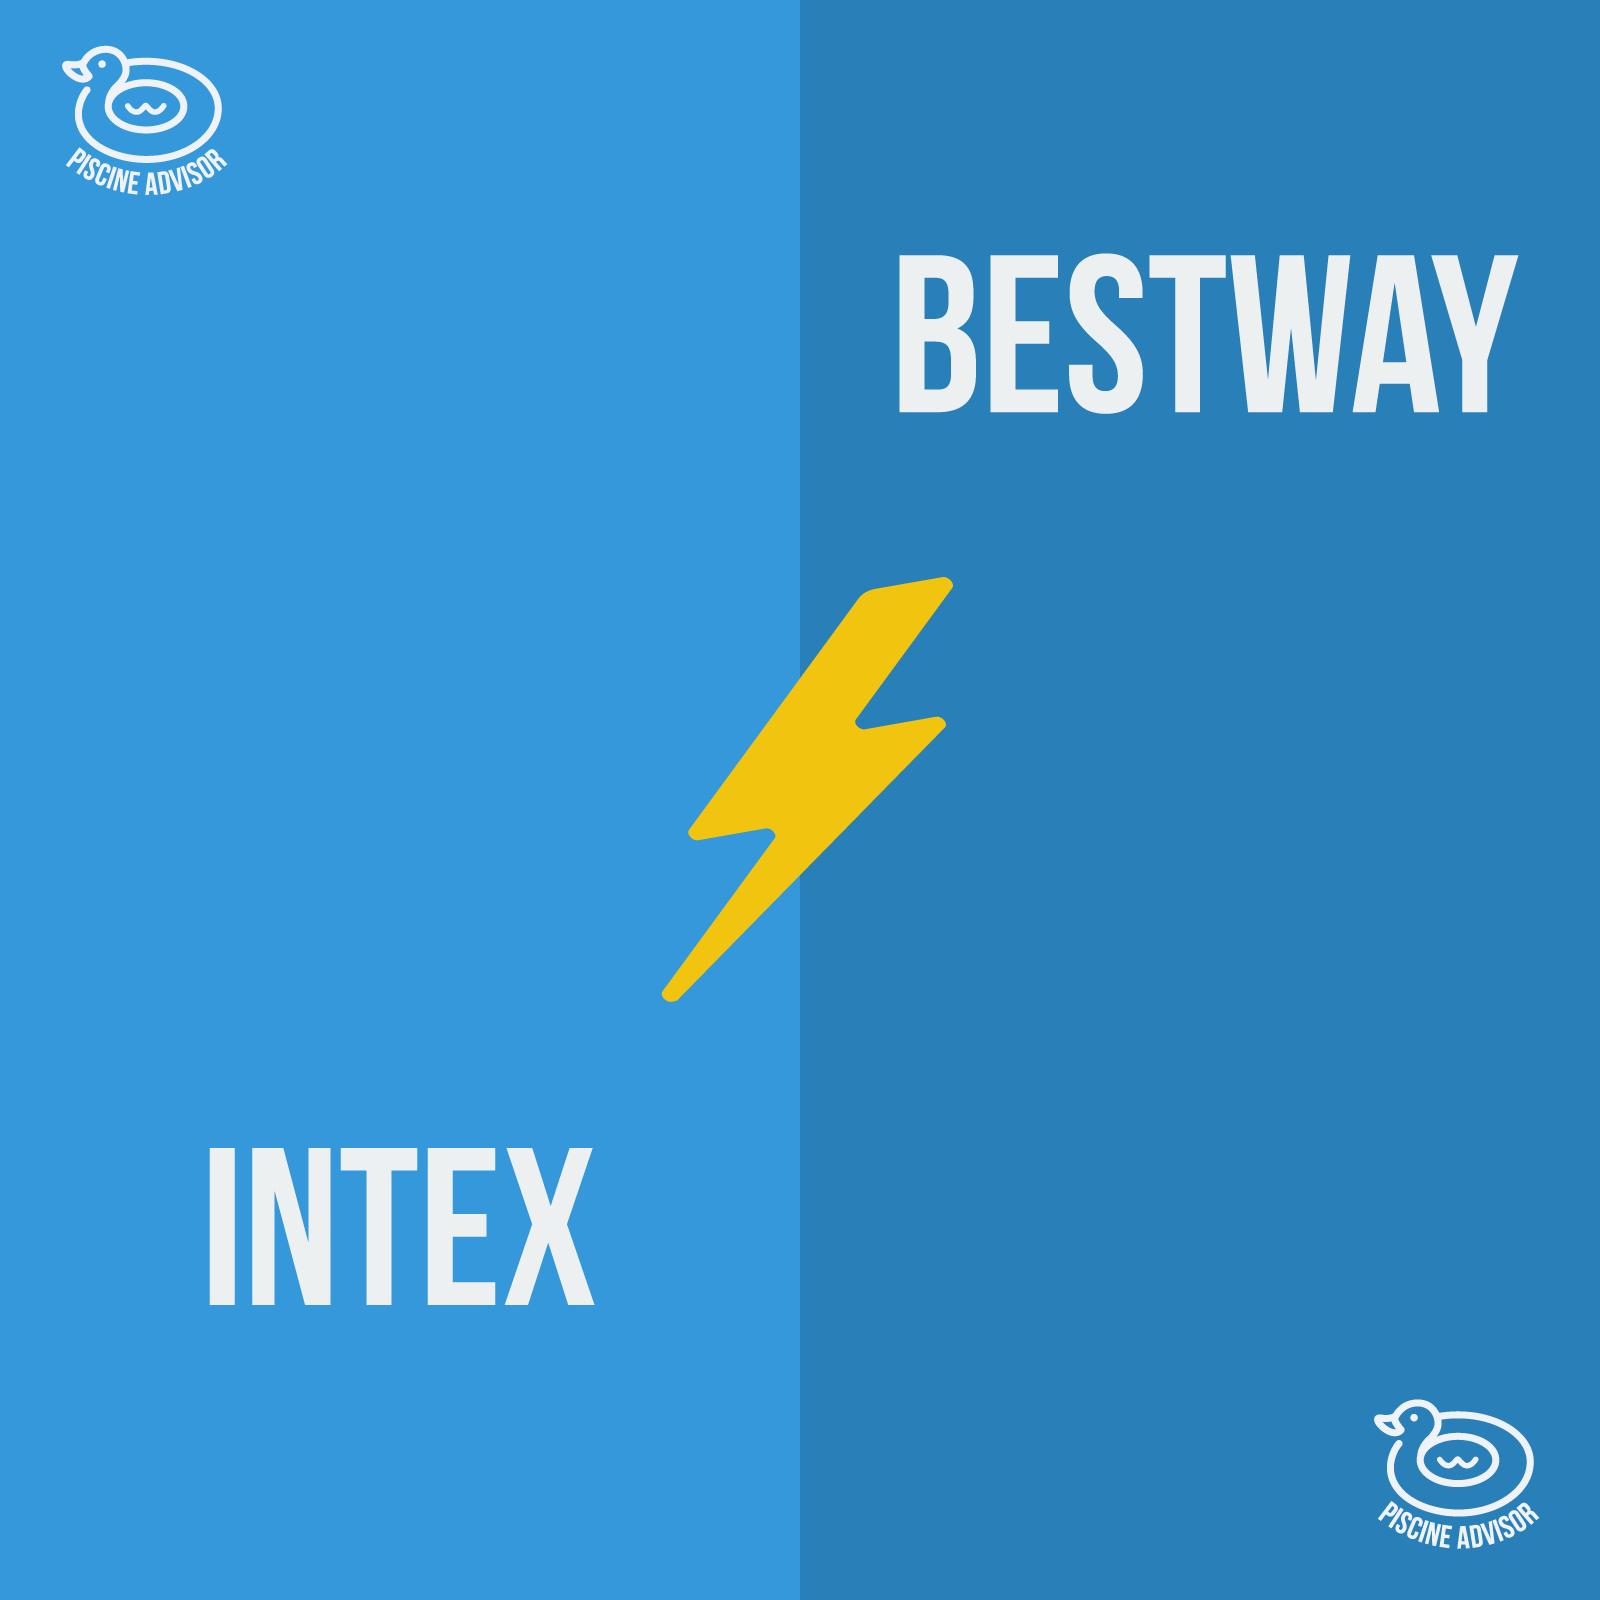 Intex Ou Bestway : Quelle Différence Entre Les Deux Marques ... tout Piscine Tubulaire Ou Autoportée